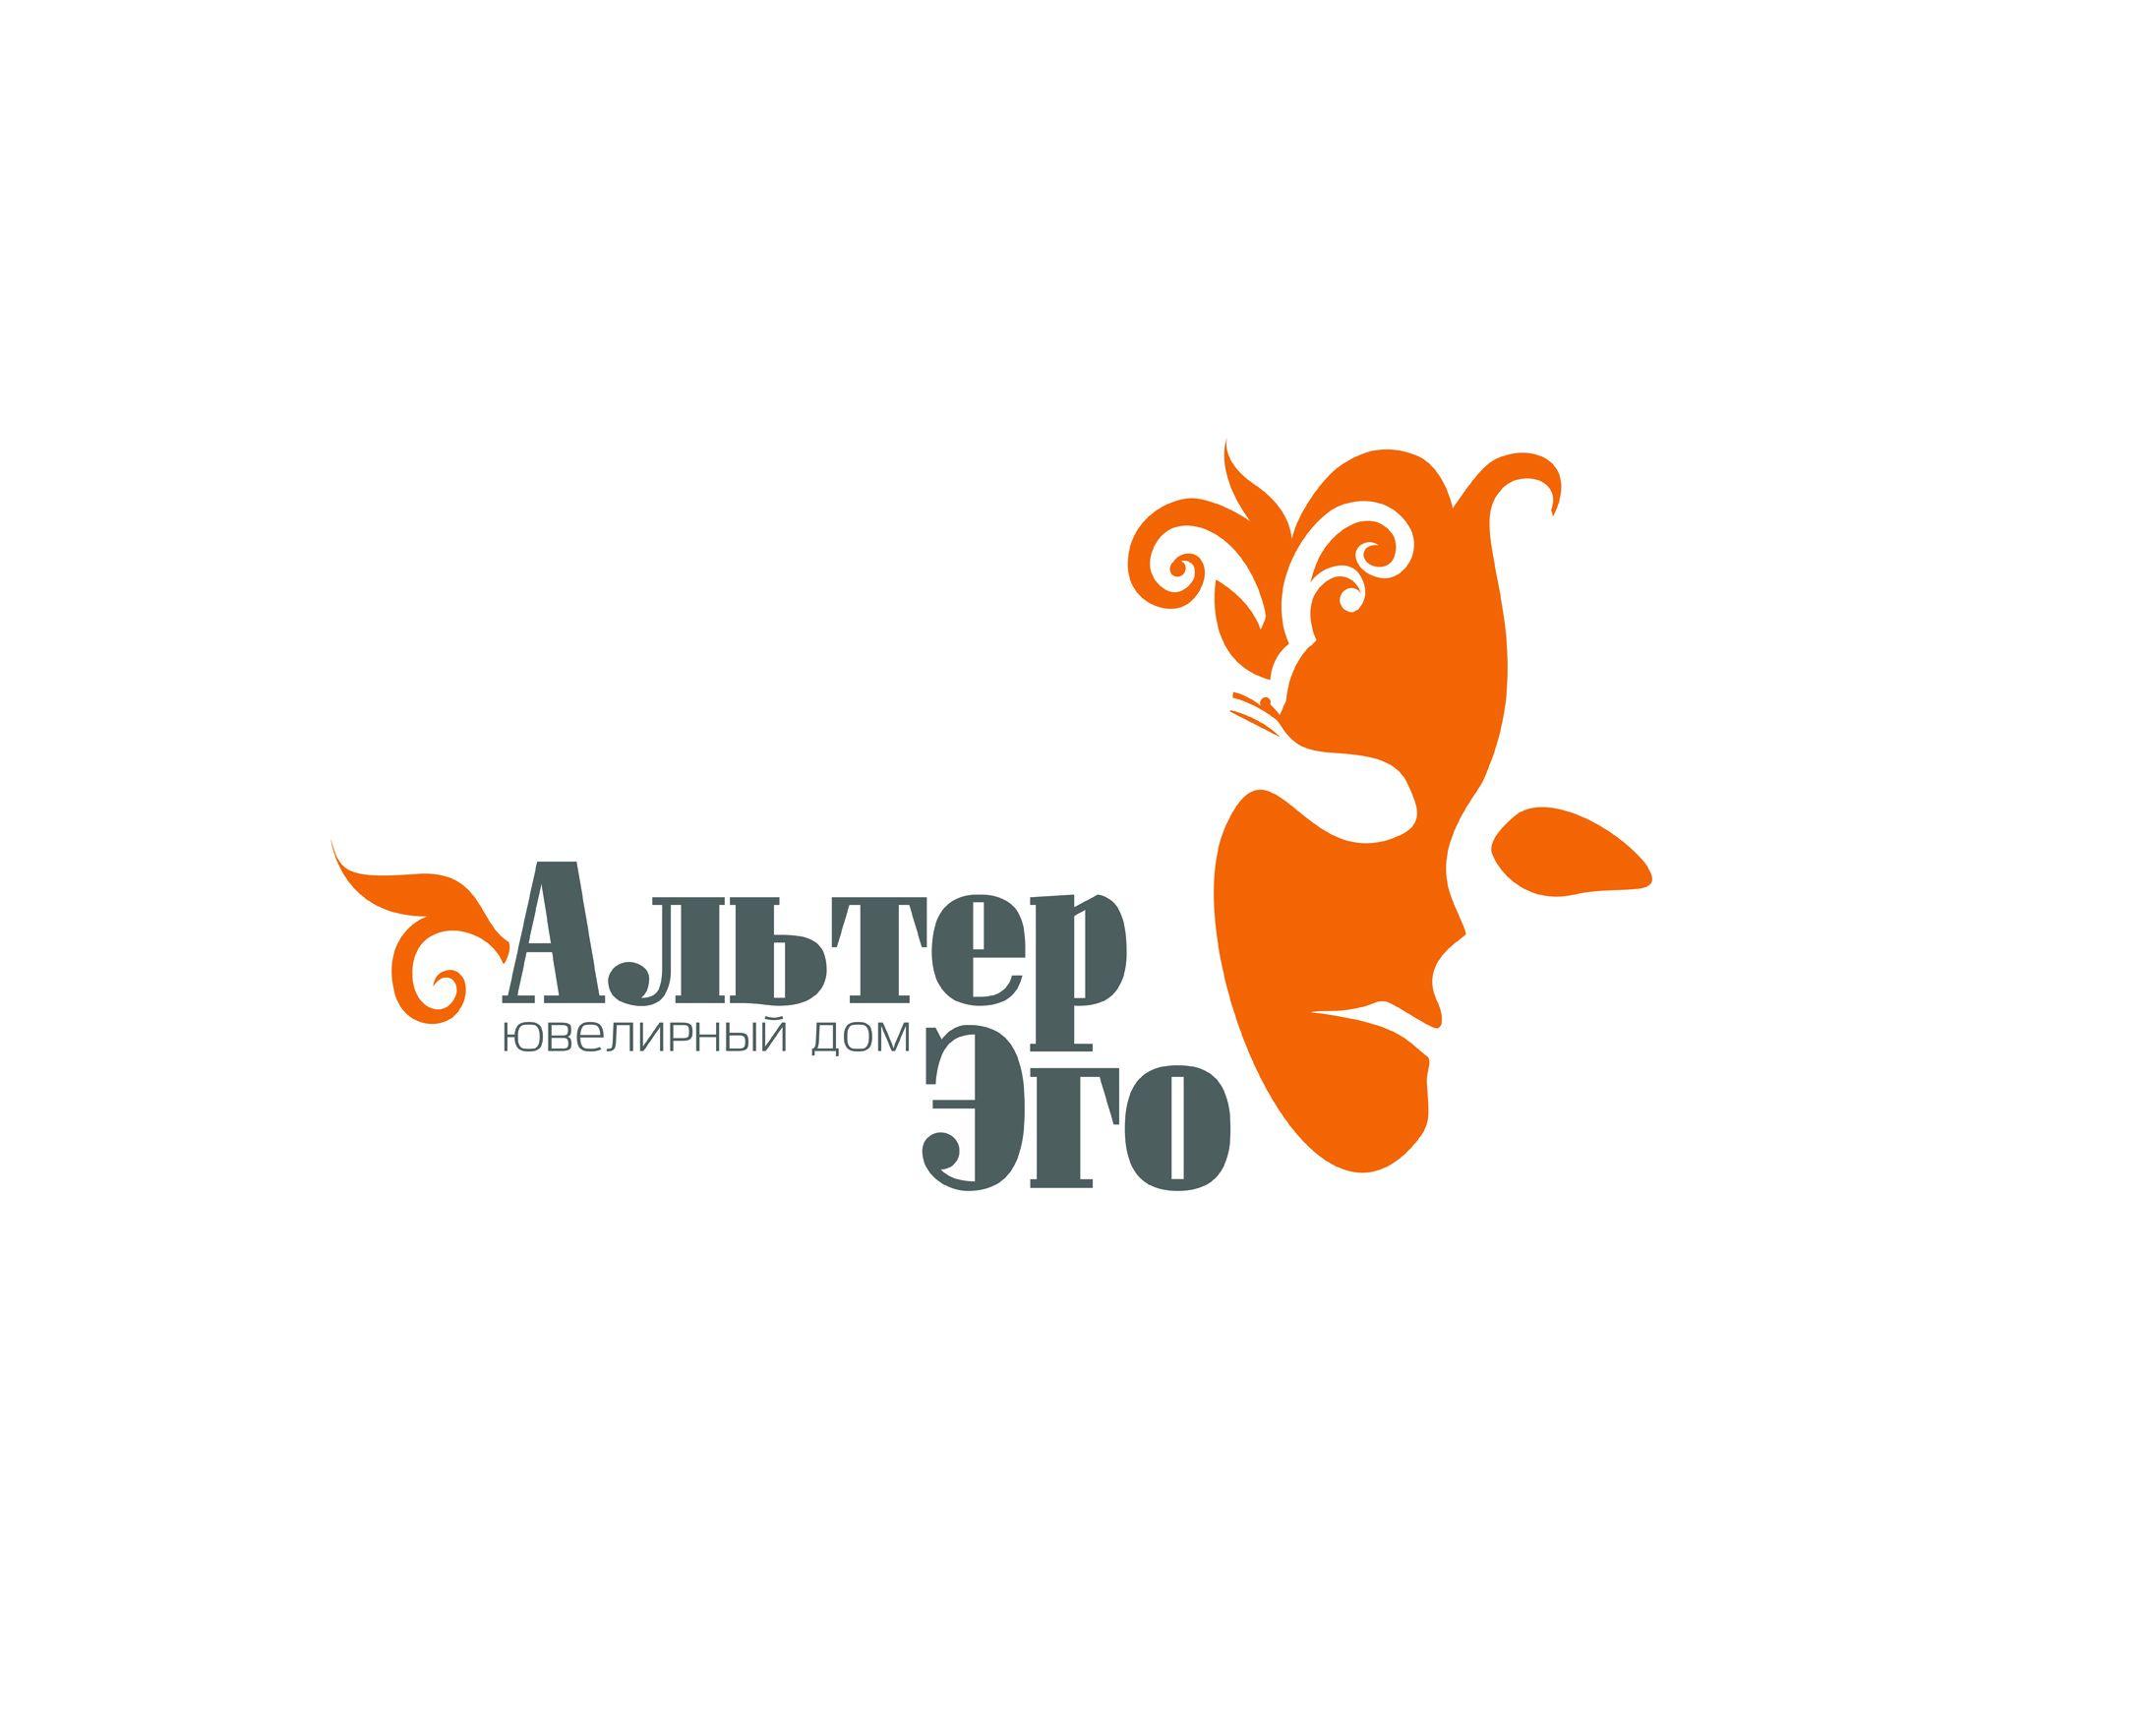 Ювелирный дом Альтер Эго - дизайнер Tanchik25